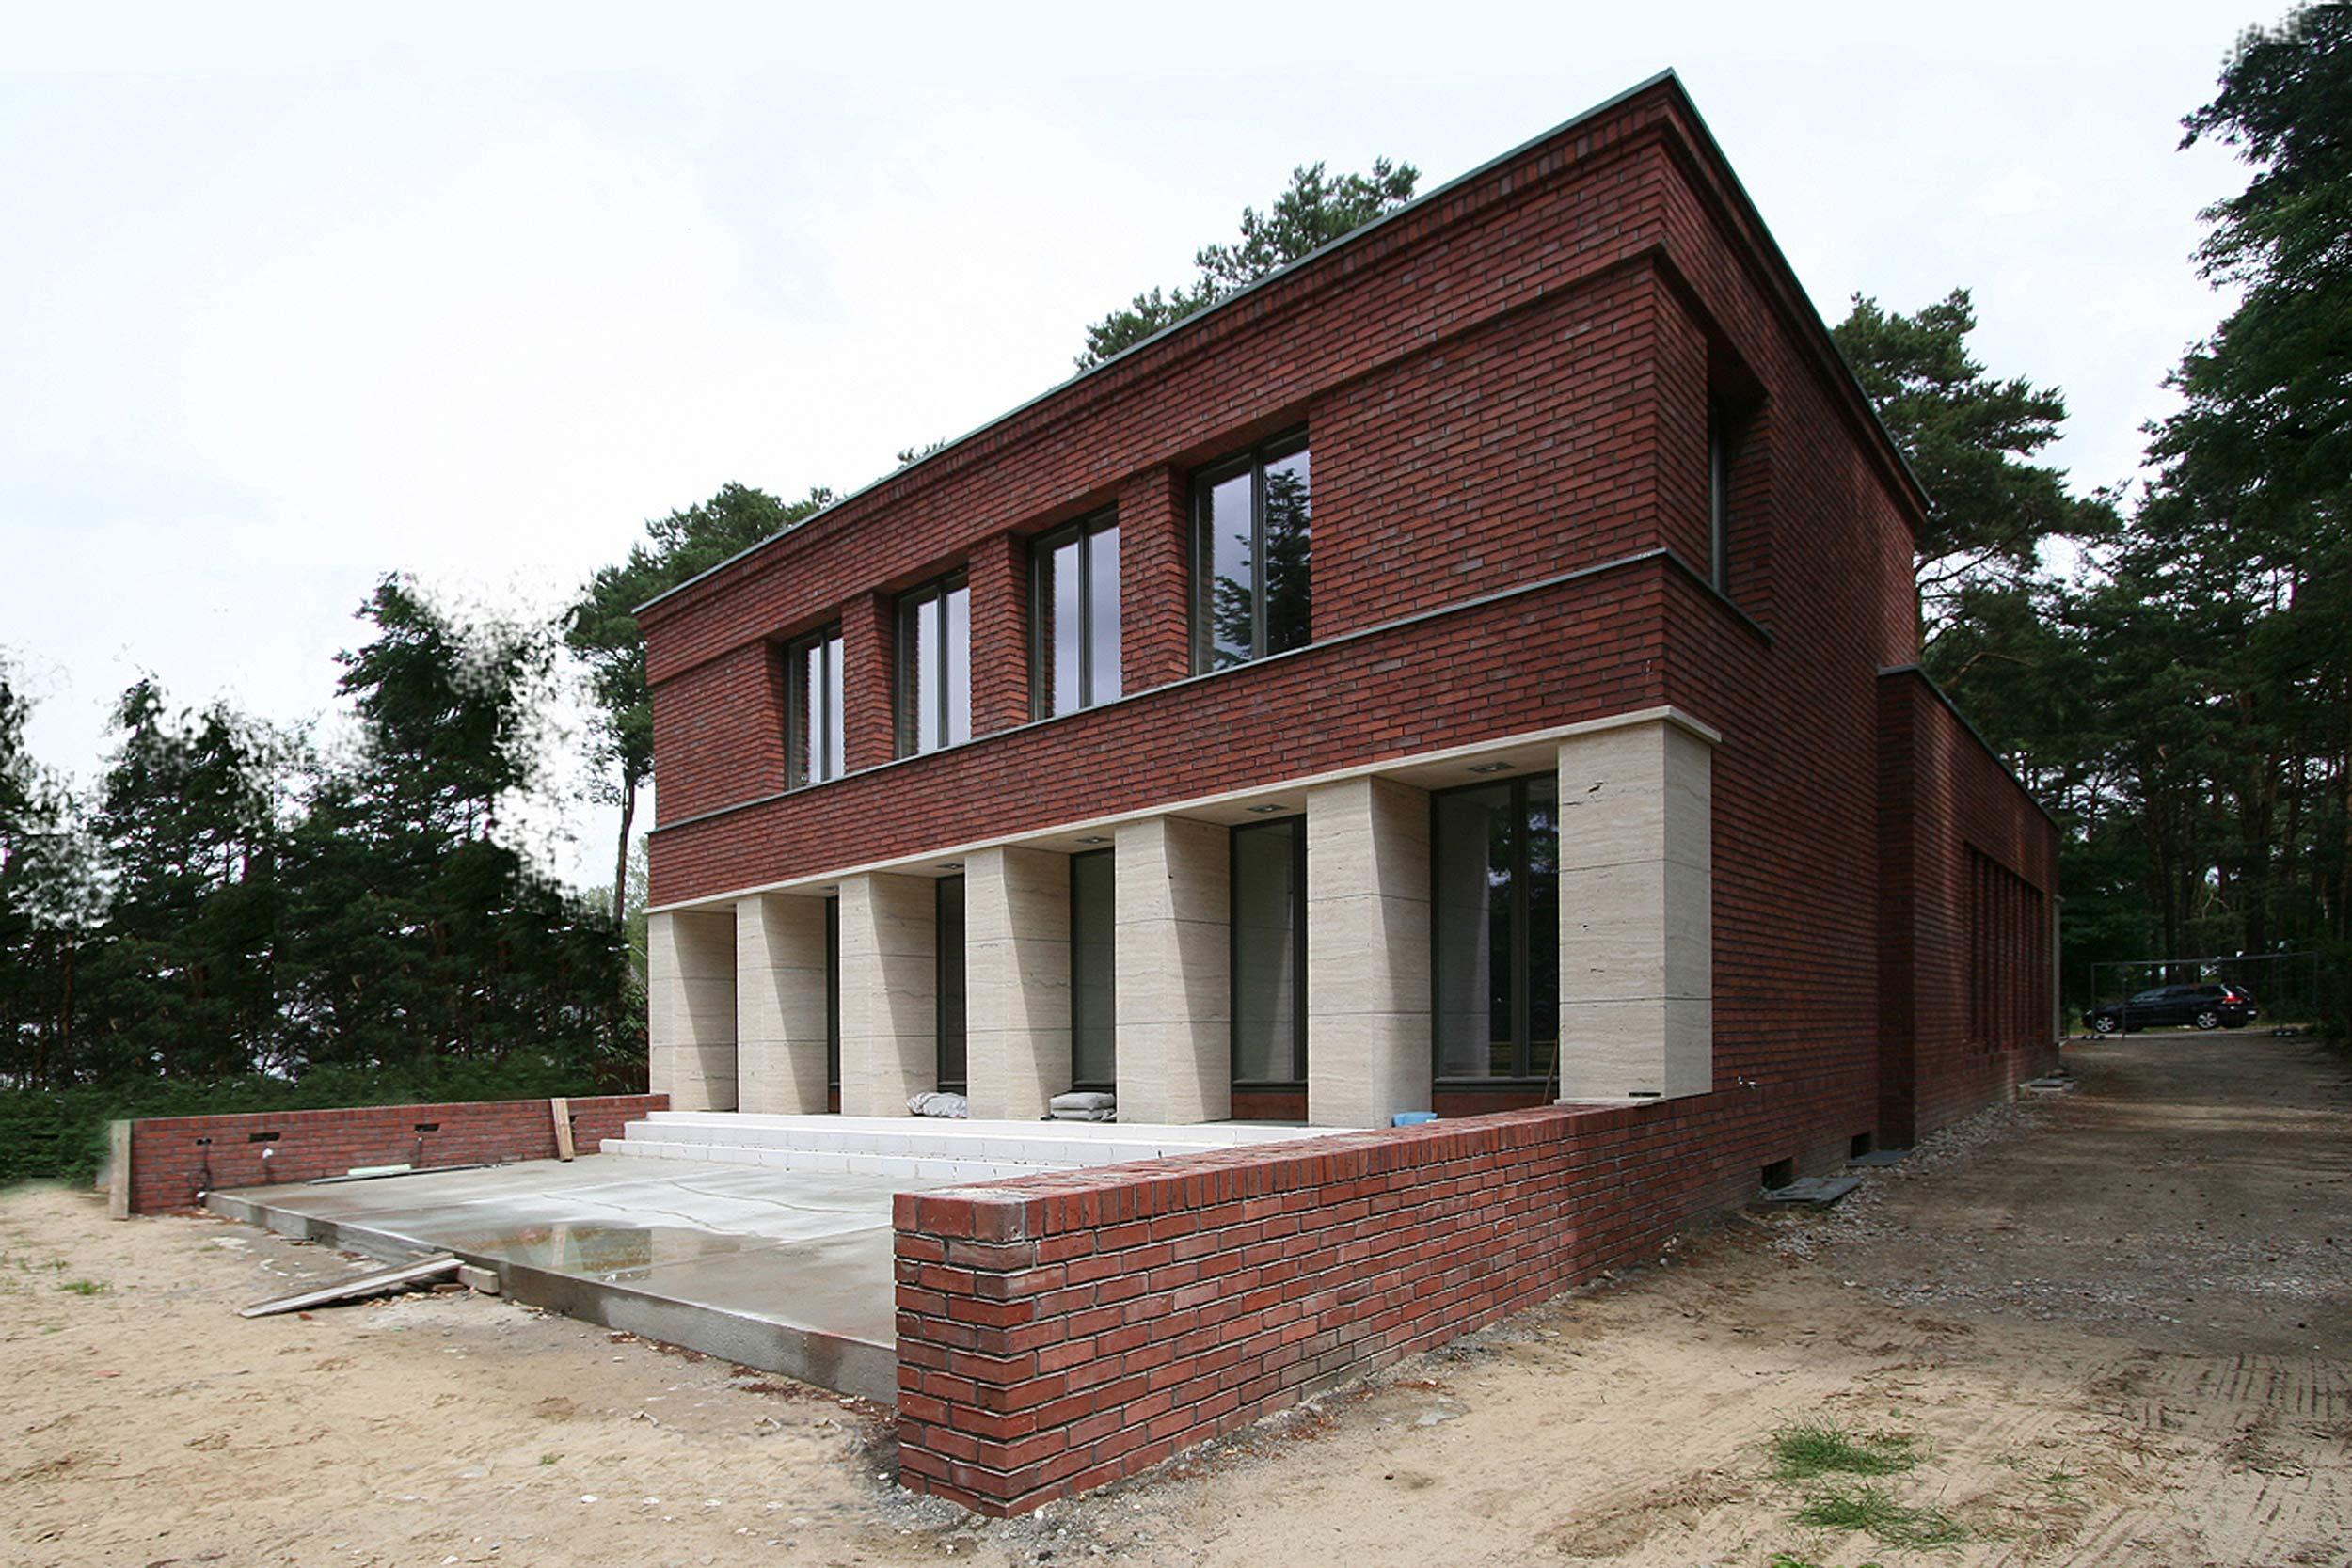 Klassisch traditionelles infamilienhaus aus Backstein und ... size: 2500 x 1667 post ID: 5 File size: 0 B